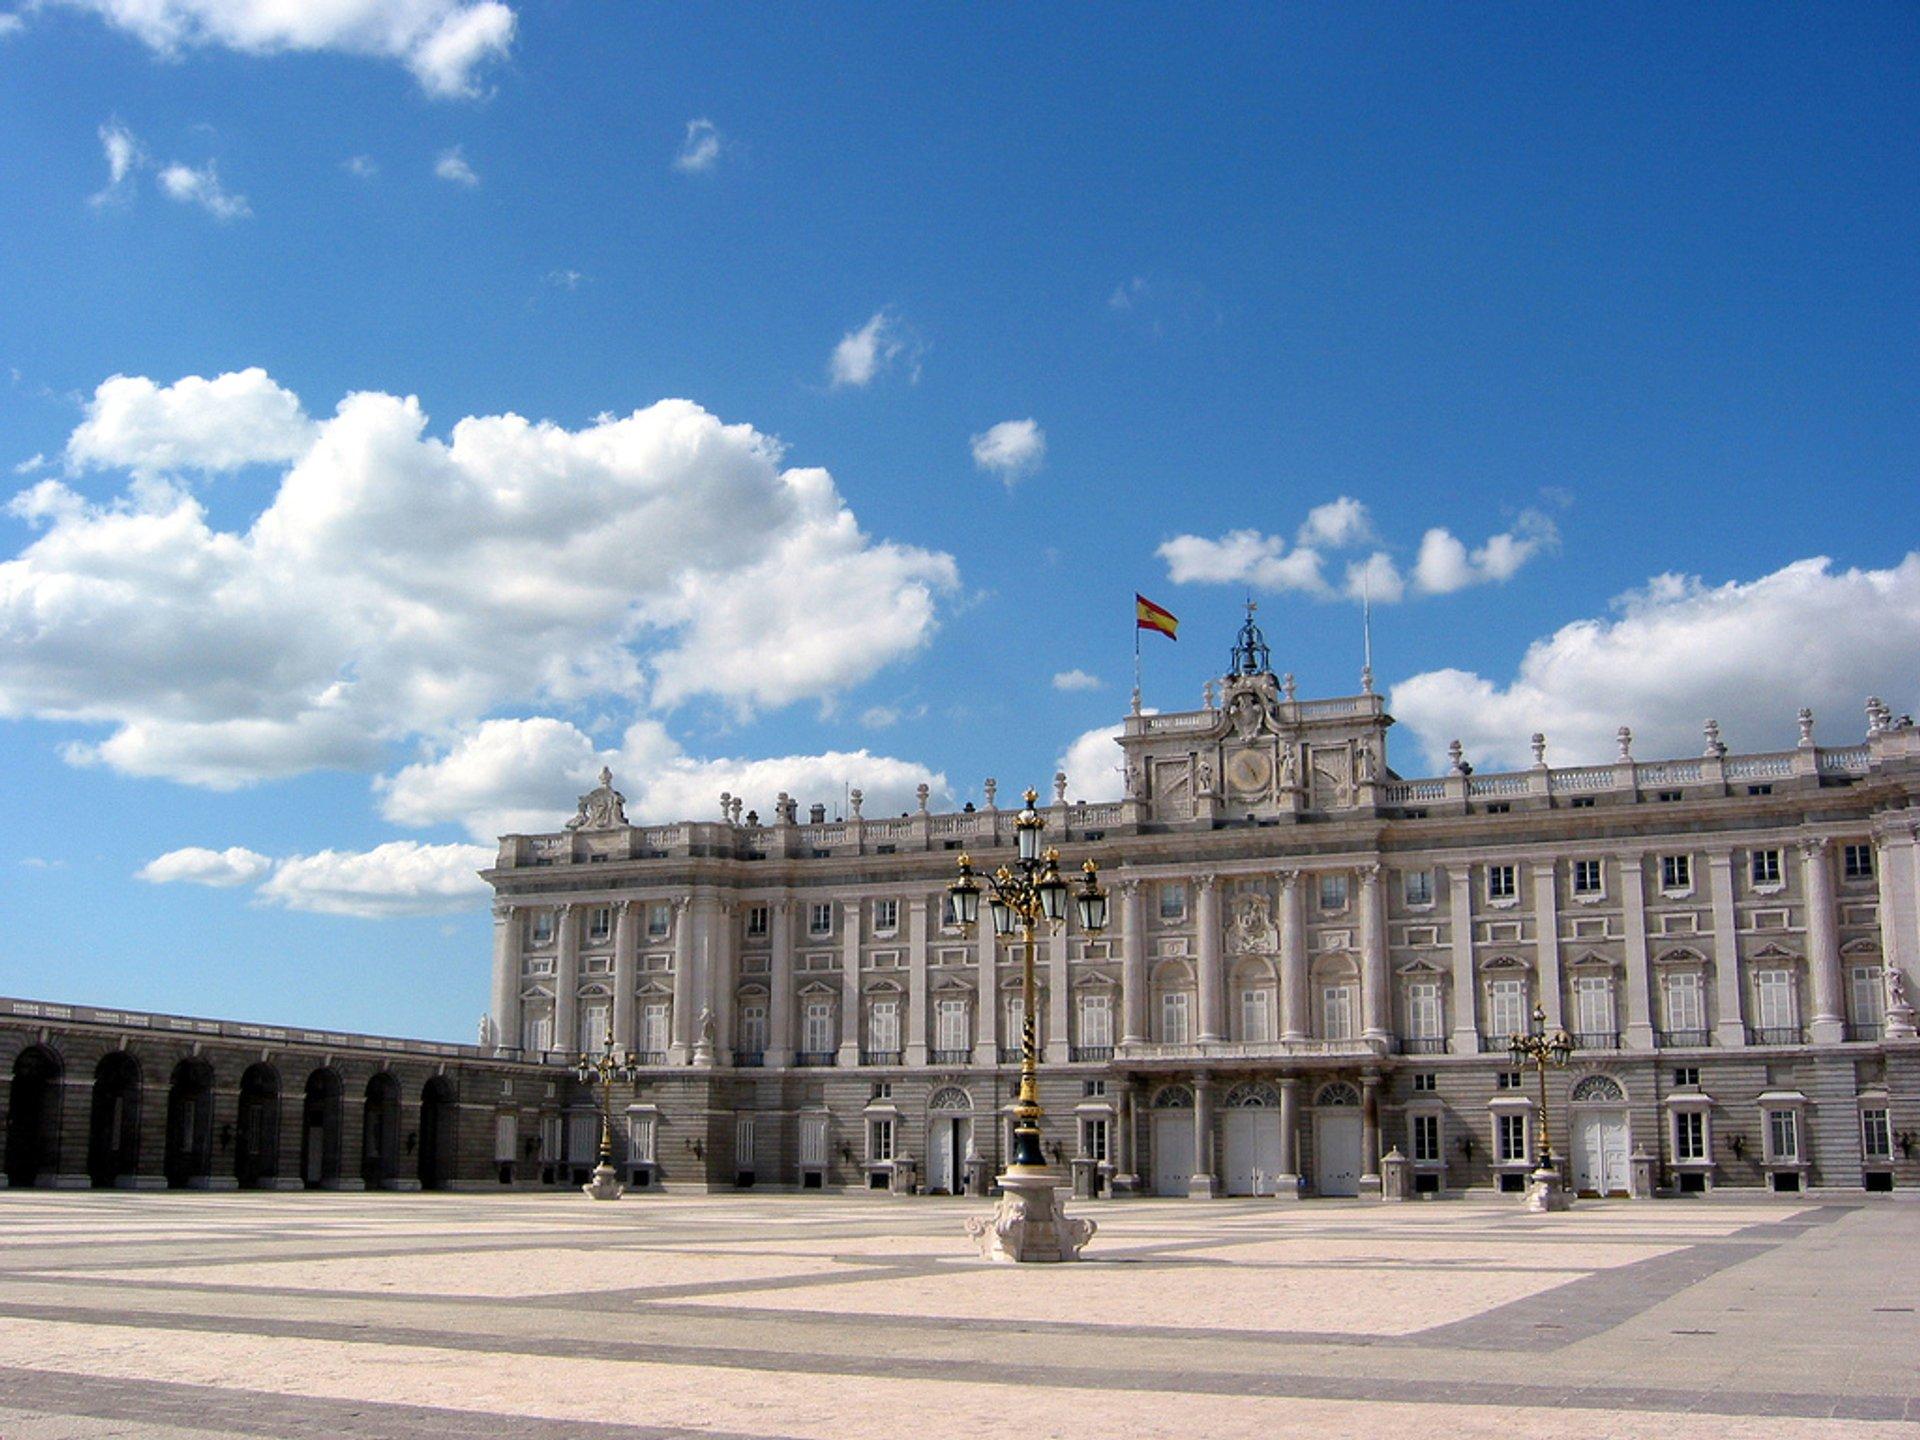 Palacio Real de Madrid 2020